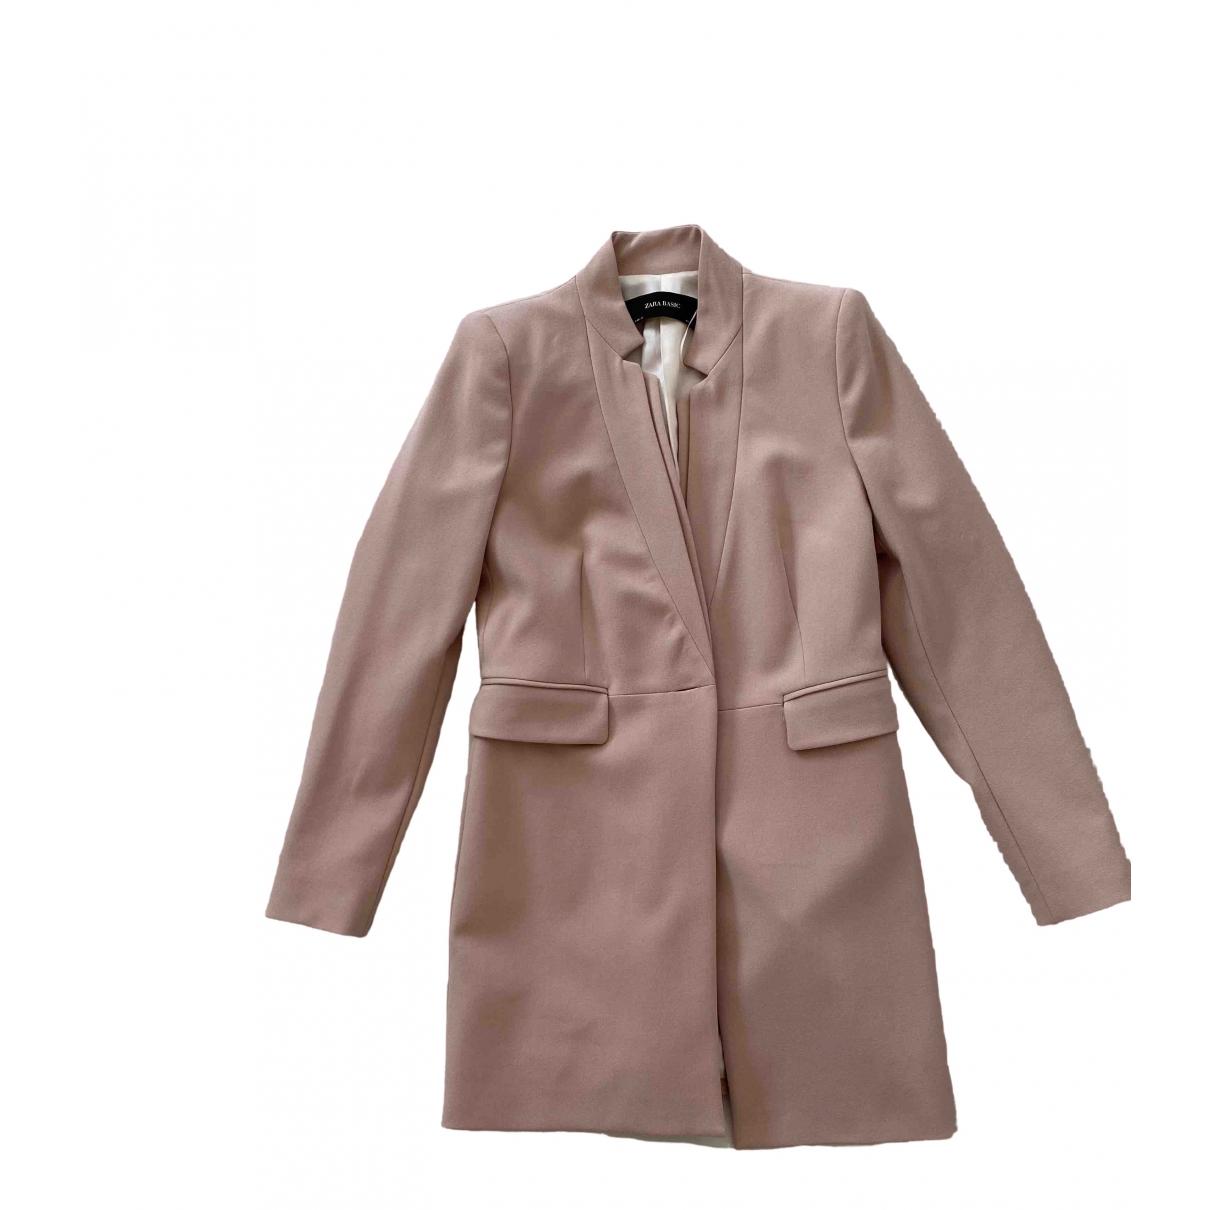 Zara \N Beige jacket for Women M International